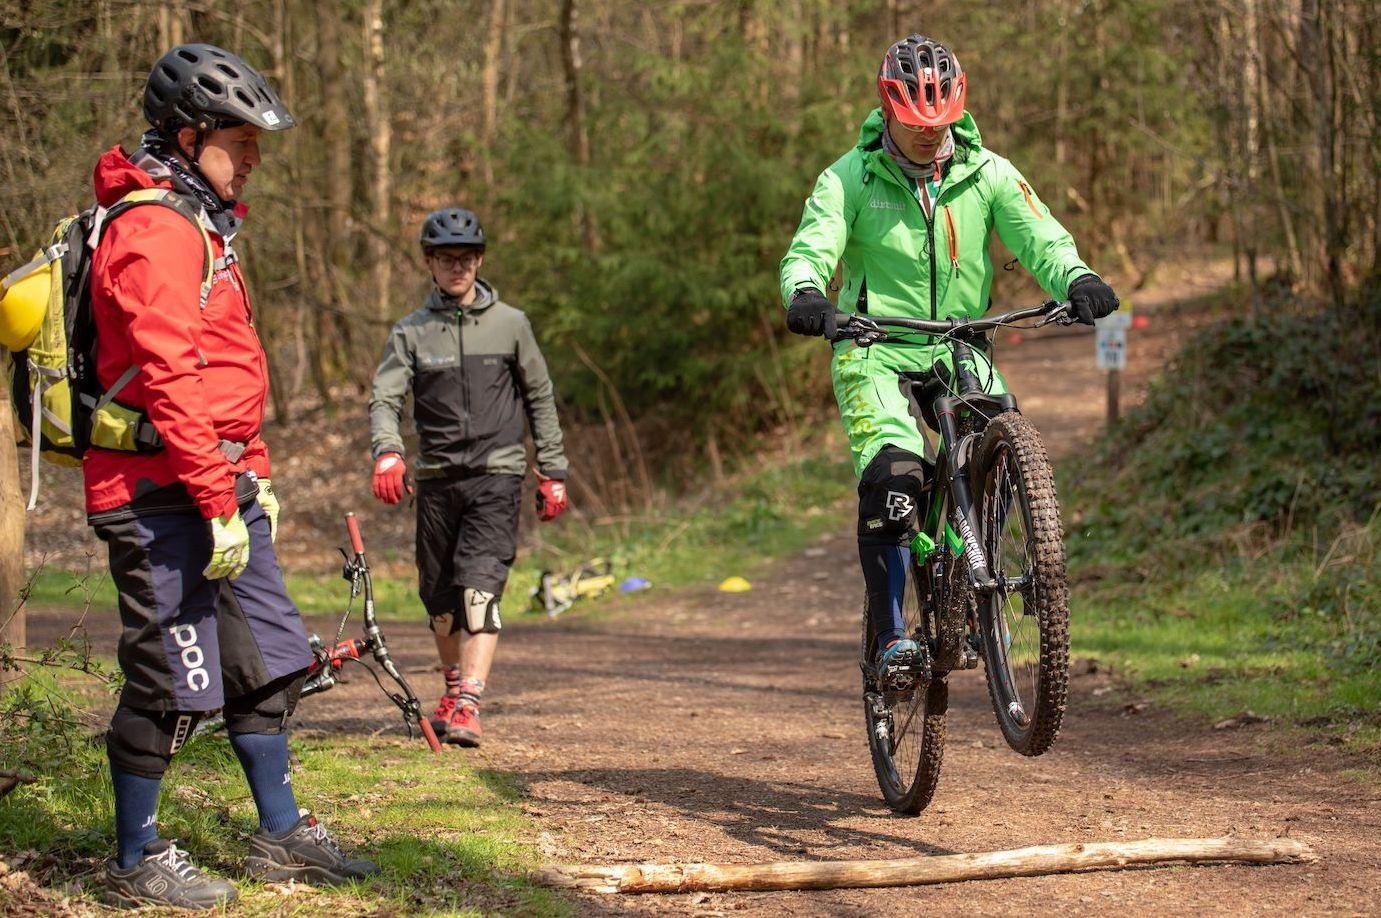 MTB Fahrtechnik Kurs Fortgeschrittene in Bad Orb |Spessart - Mountainbike Fortgeschritten - Rock my Trail Bikeschule - 15